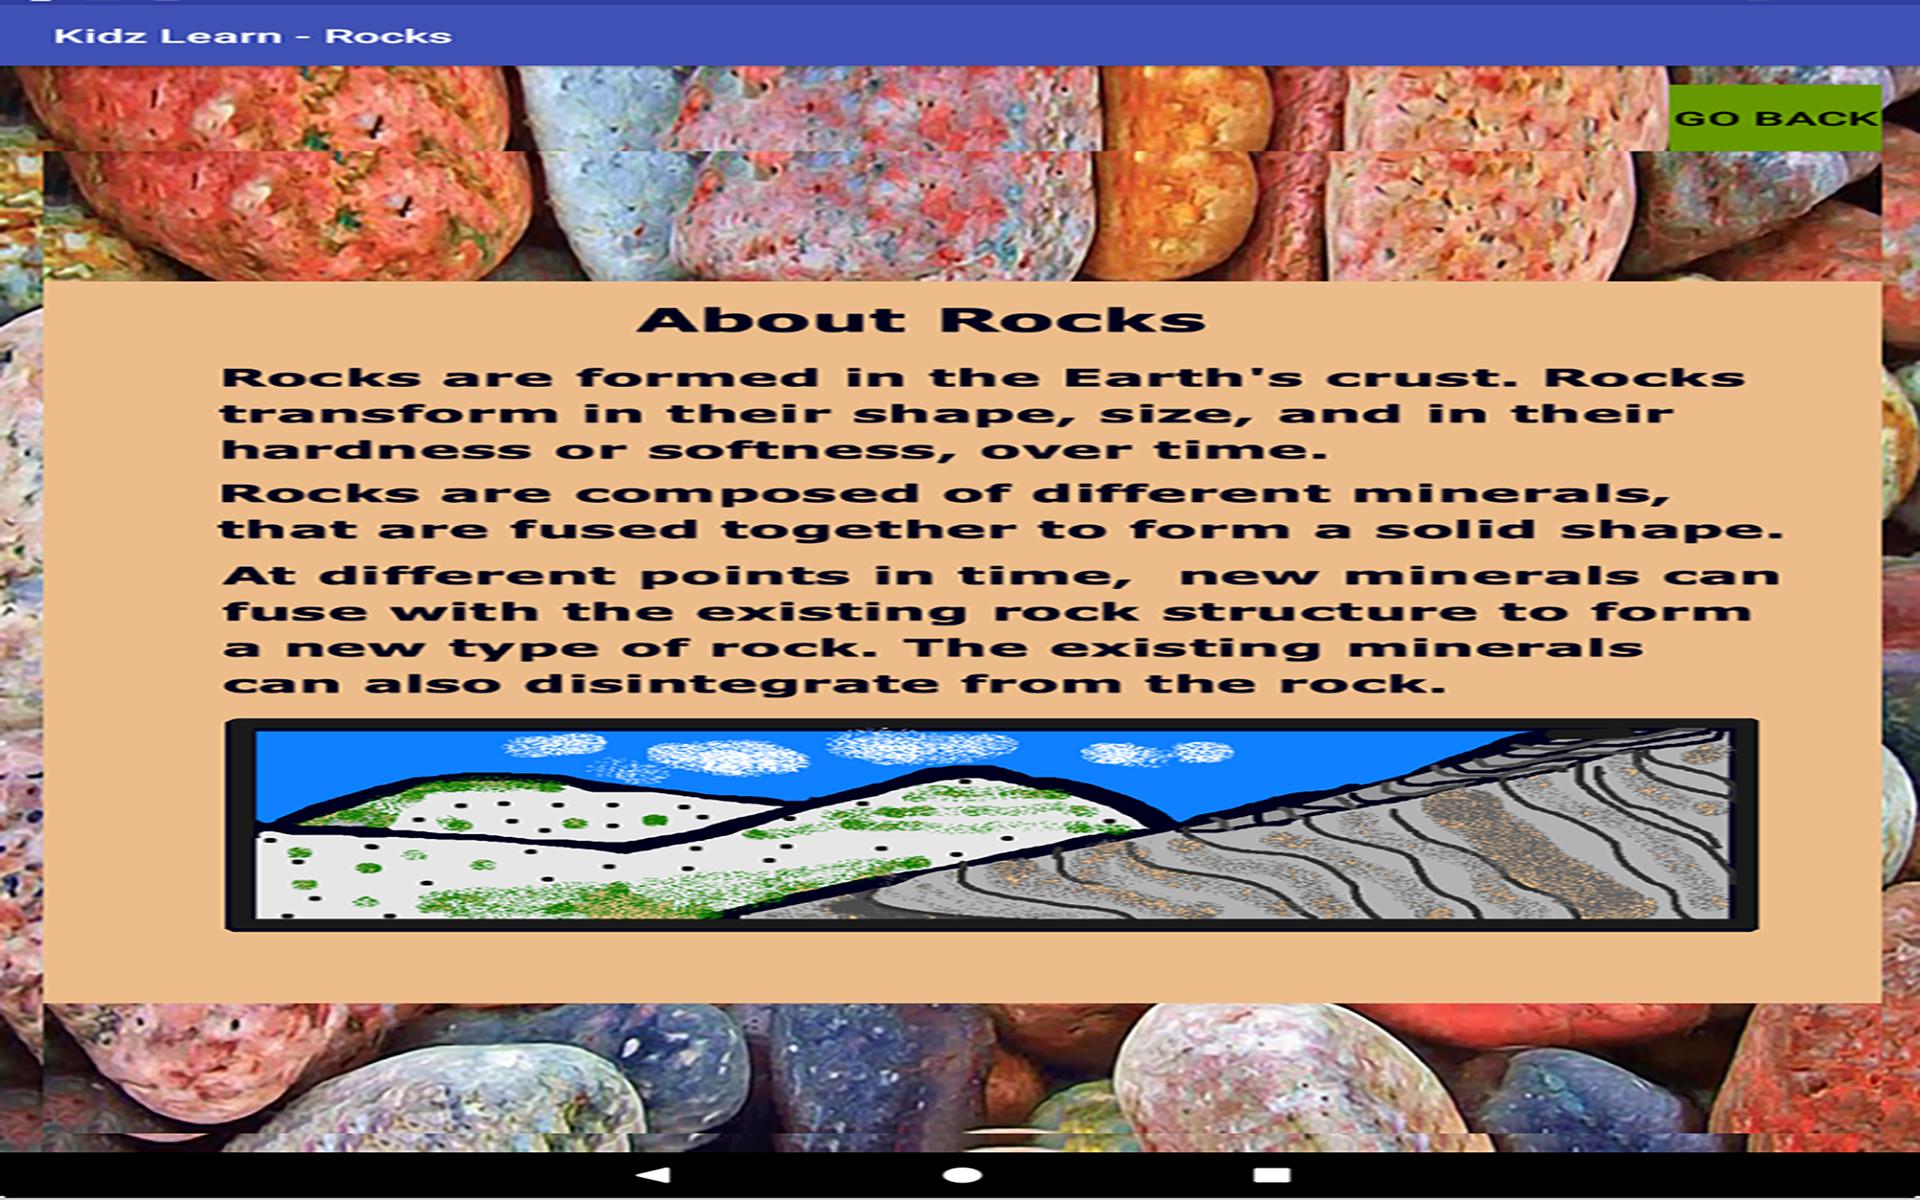 Kidz Learn Rocks